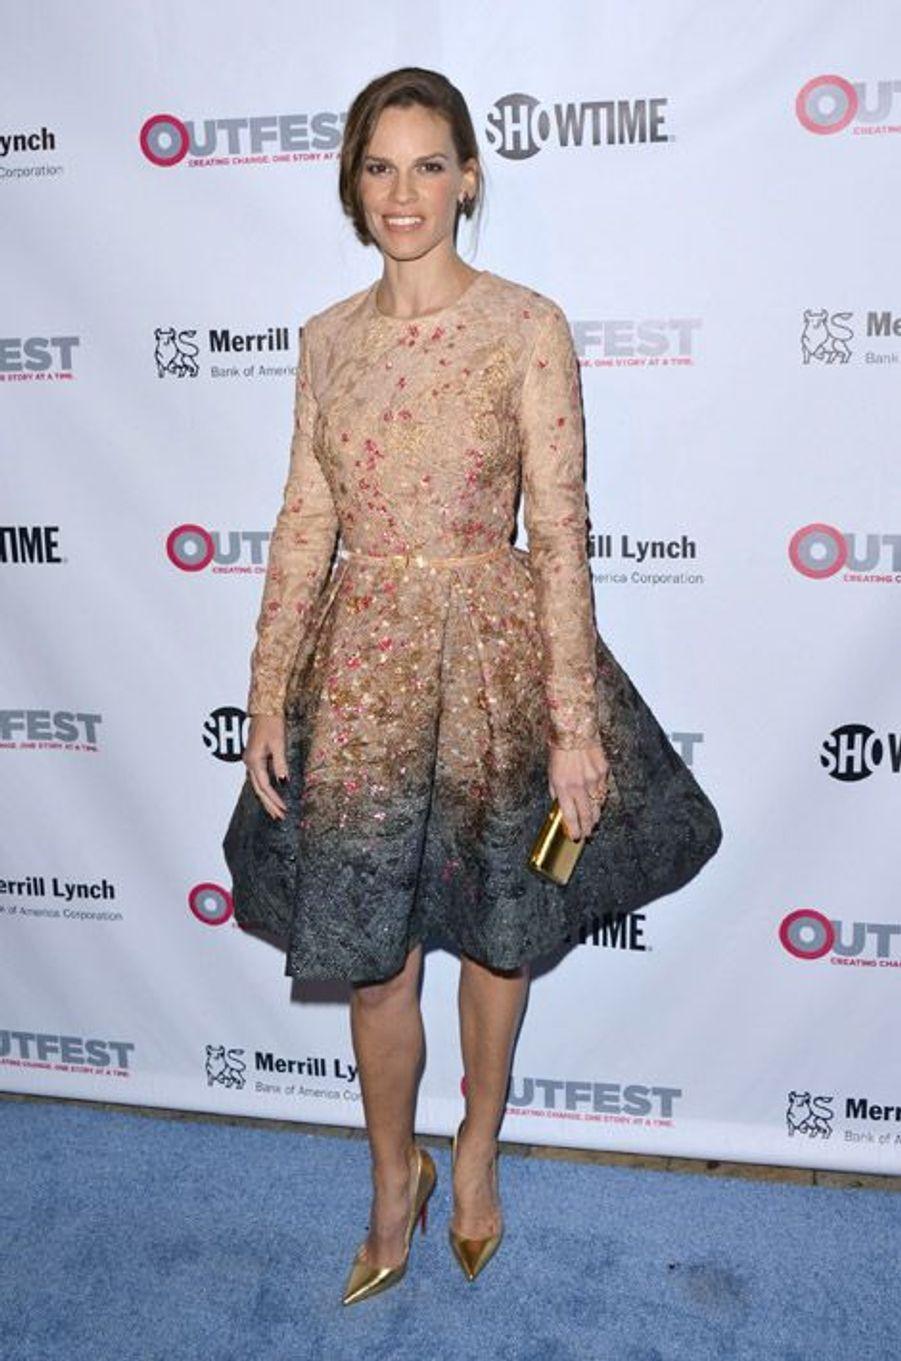 L'actrice Hilary Swank en Giambattista Valli lors du gala Outfest Legacy Awards à Los Angeles, le 12 novembre 2014